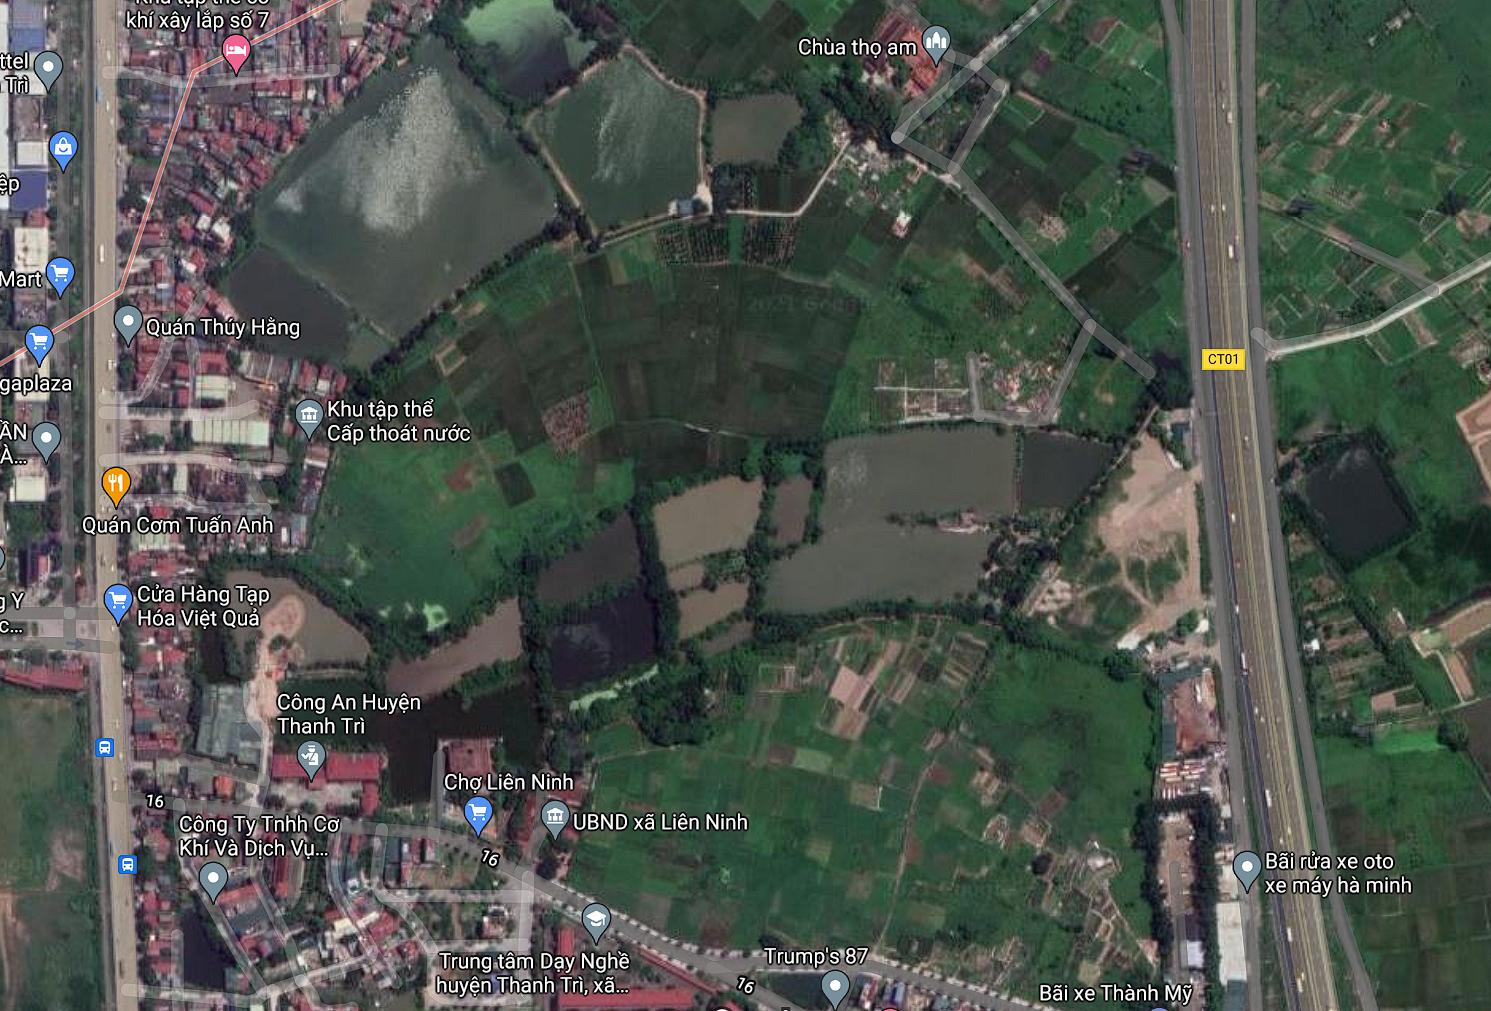 Đất dính quy hoạch ở xã Liên Ninh, Thanh Trì, Hà Nội - Ảnh 2.